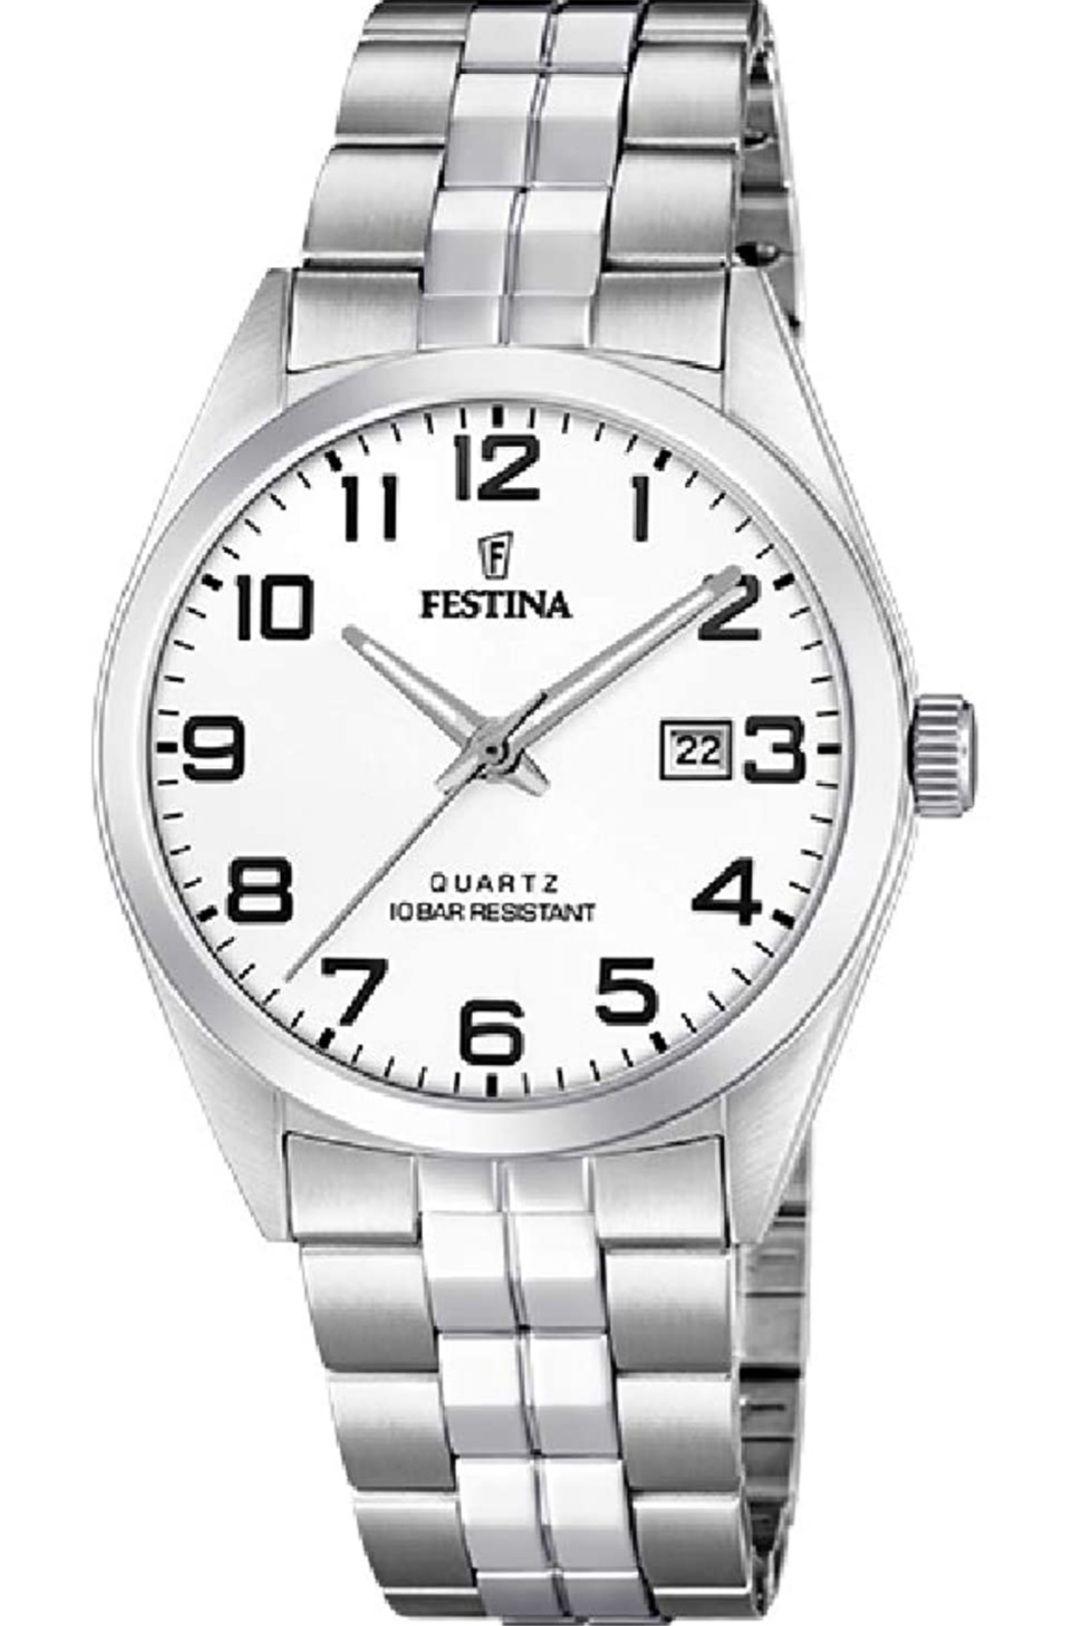 Reloj Festina hombre (Envio e impuestos incluidos)